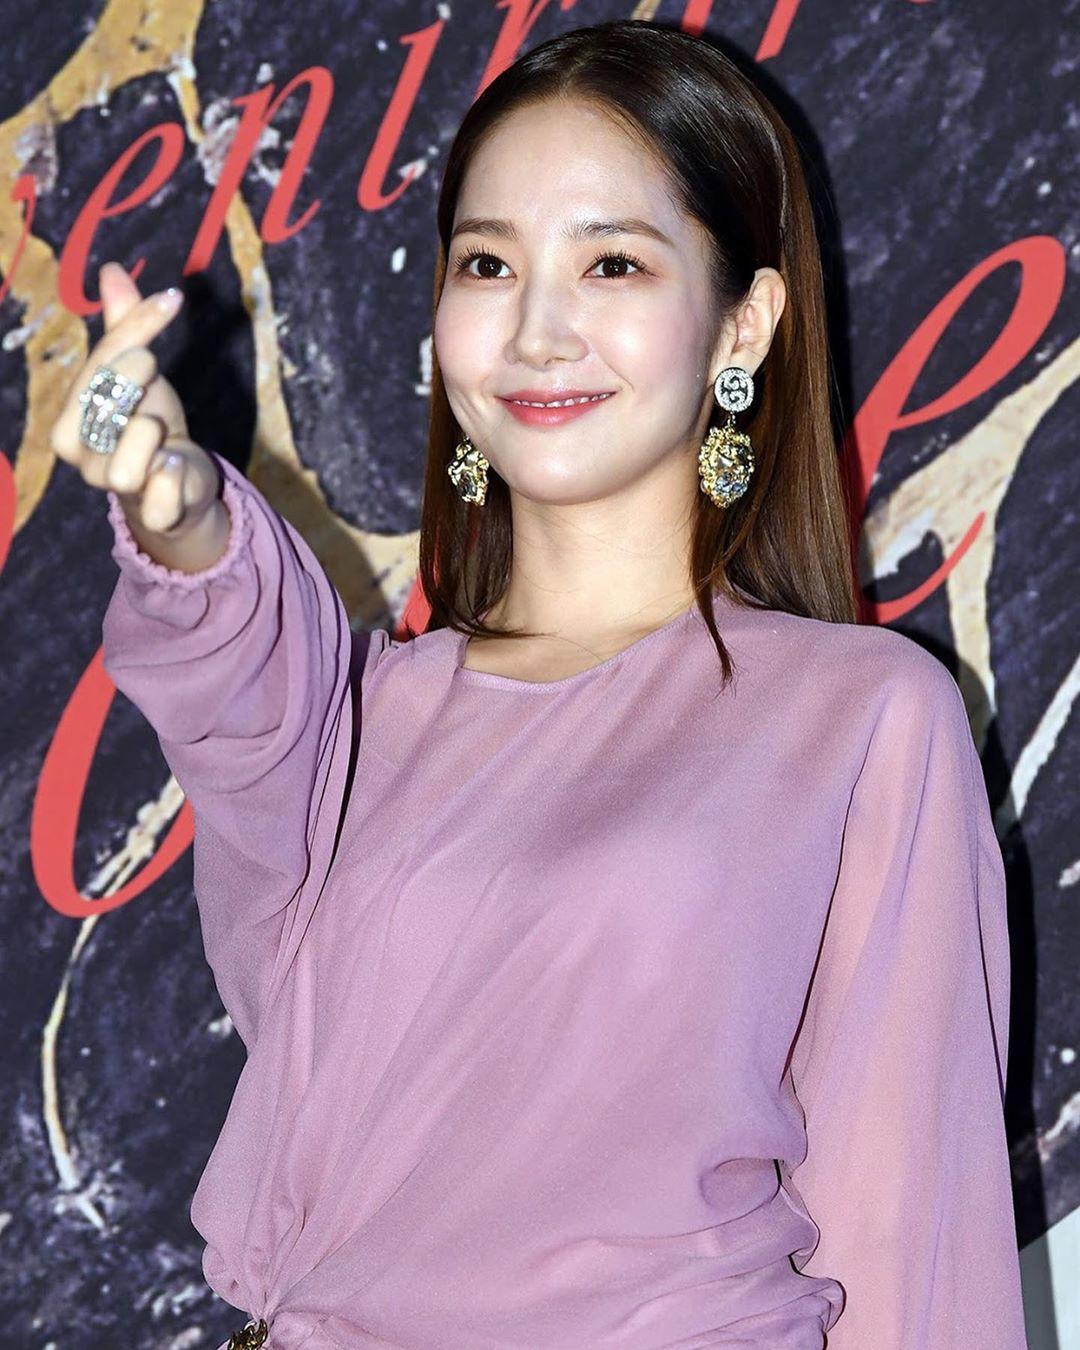 Park Min Young tự tay dìm dáng với đầm bánh bèo màu tím, gương mặt lộ dấu hiệu lão hóa kém sắc giữa dàn mỹ nhân-6